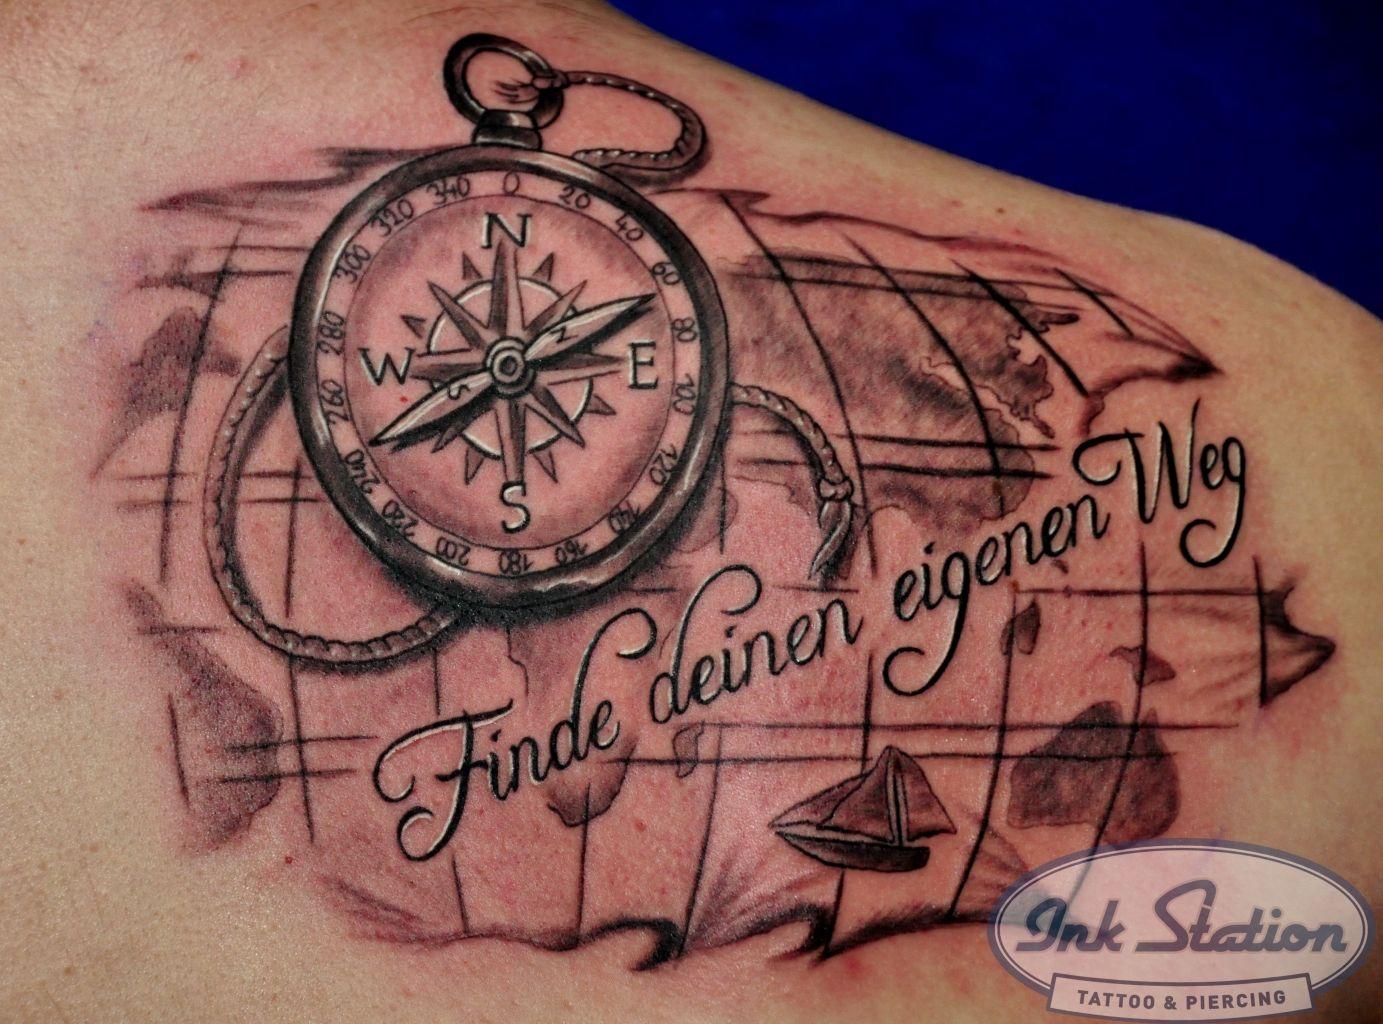 mix tattoos ink station kompas landkarte lettering map landkartentattoo tattoo tattooed. Black Bedroom Furniture Sets. Home Design Ideas